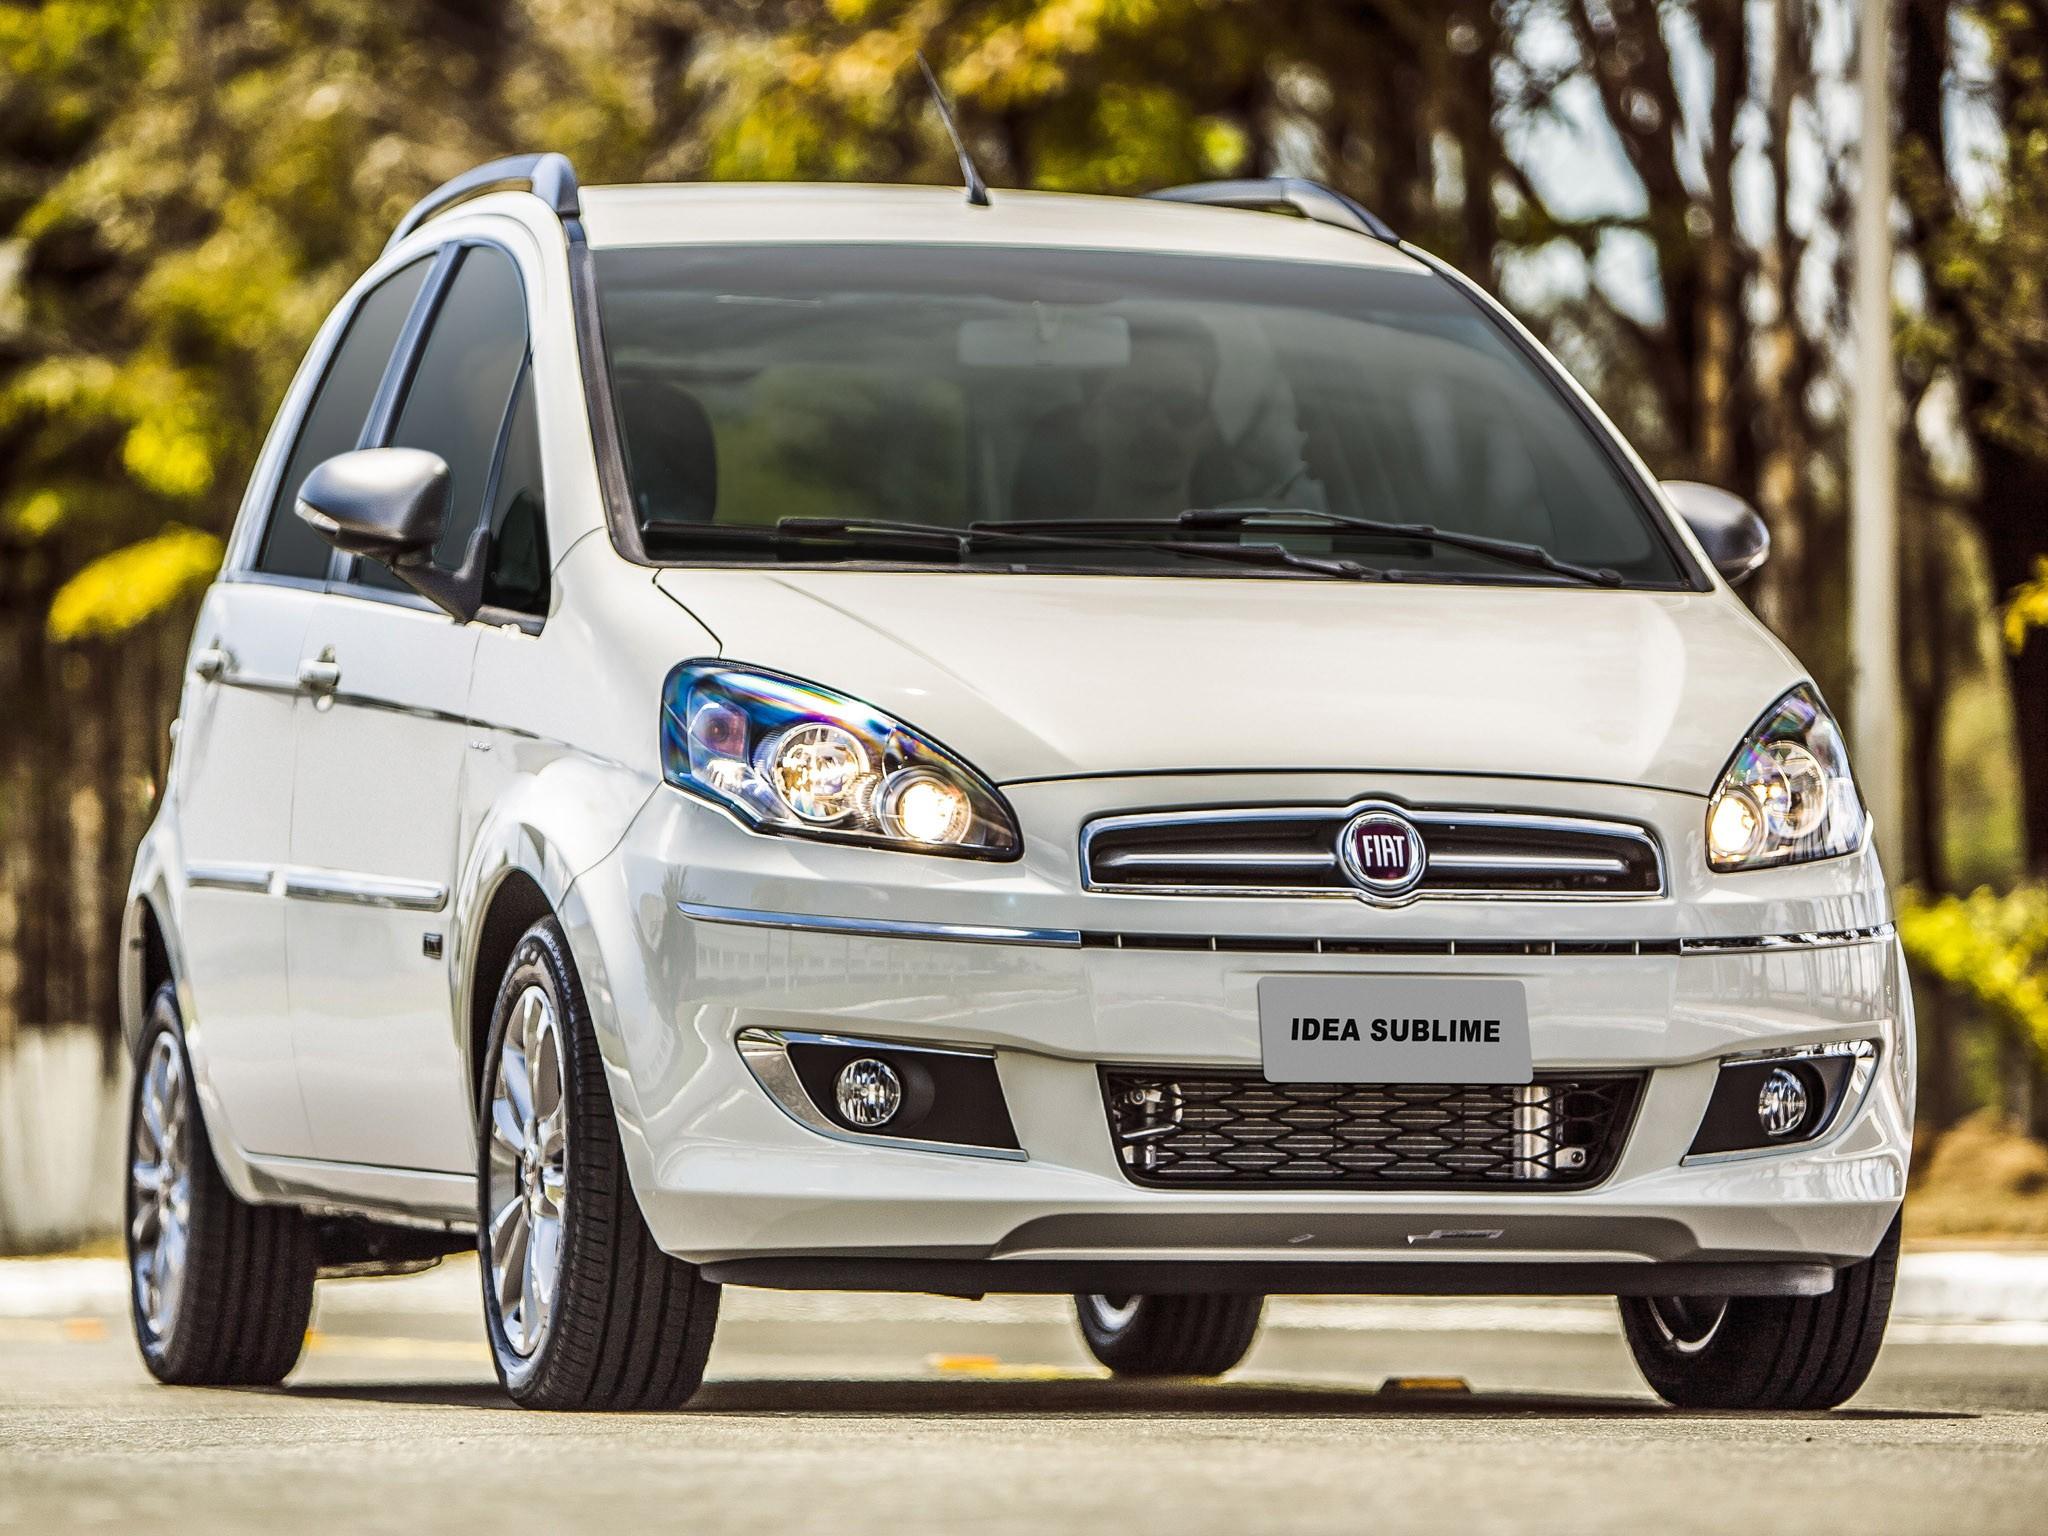 2014 Fiat Idea Sublim